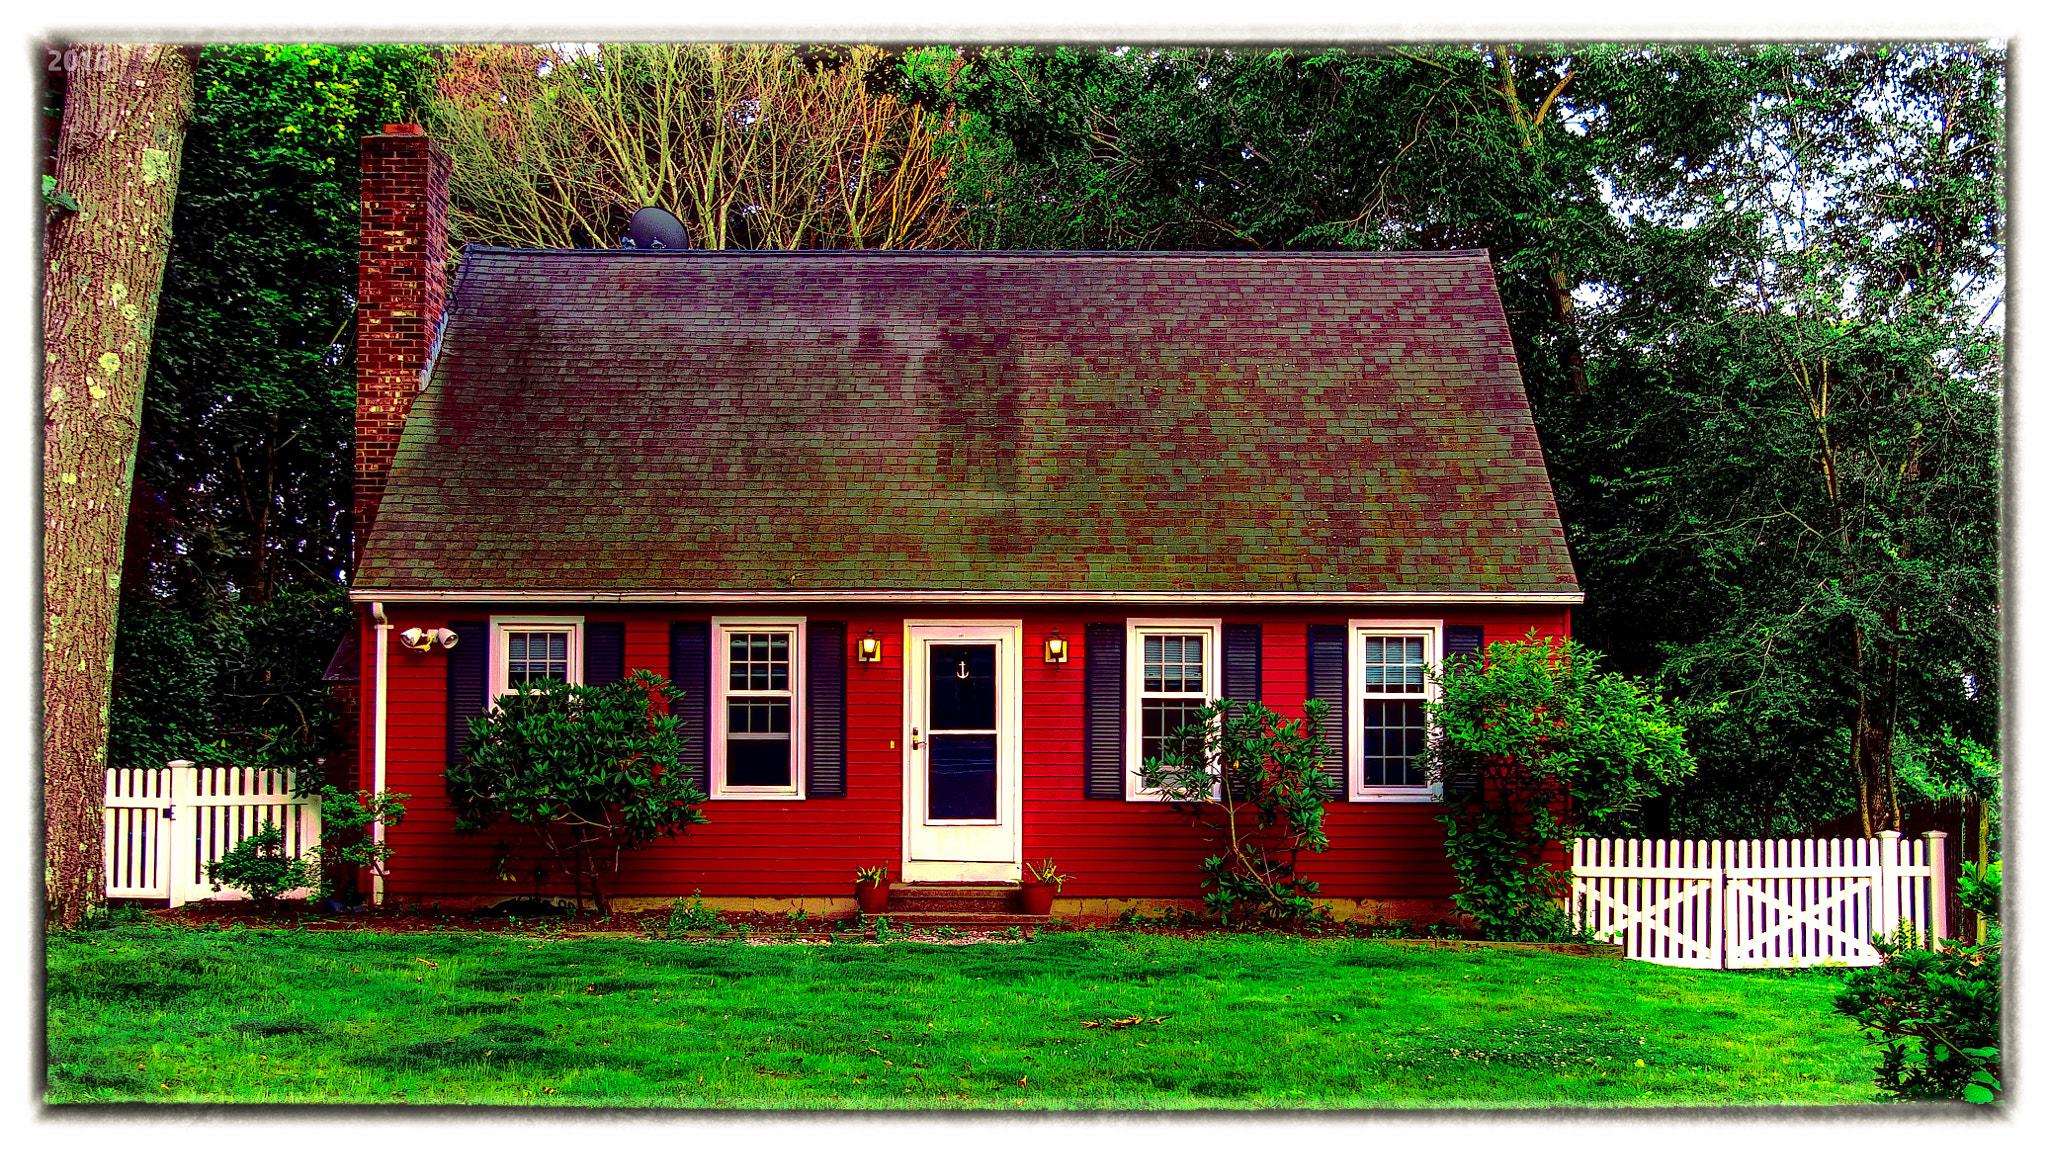 Hypotheekrente berekenen met een hypotheekcalculator